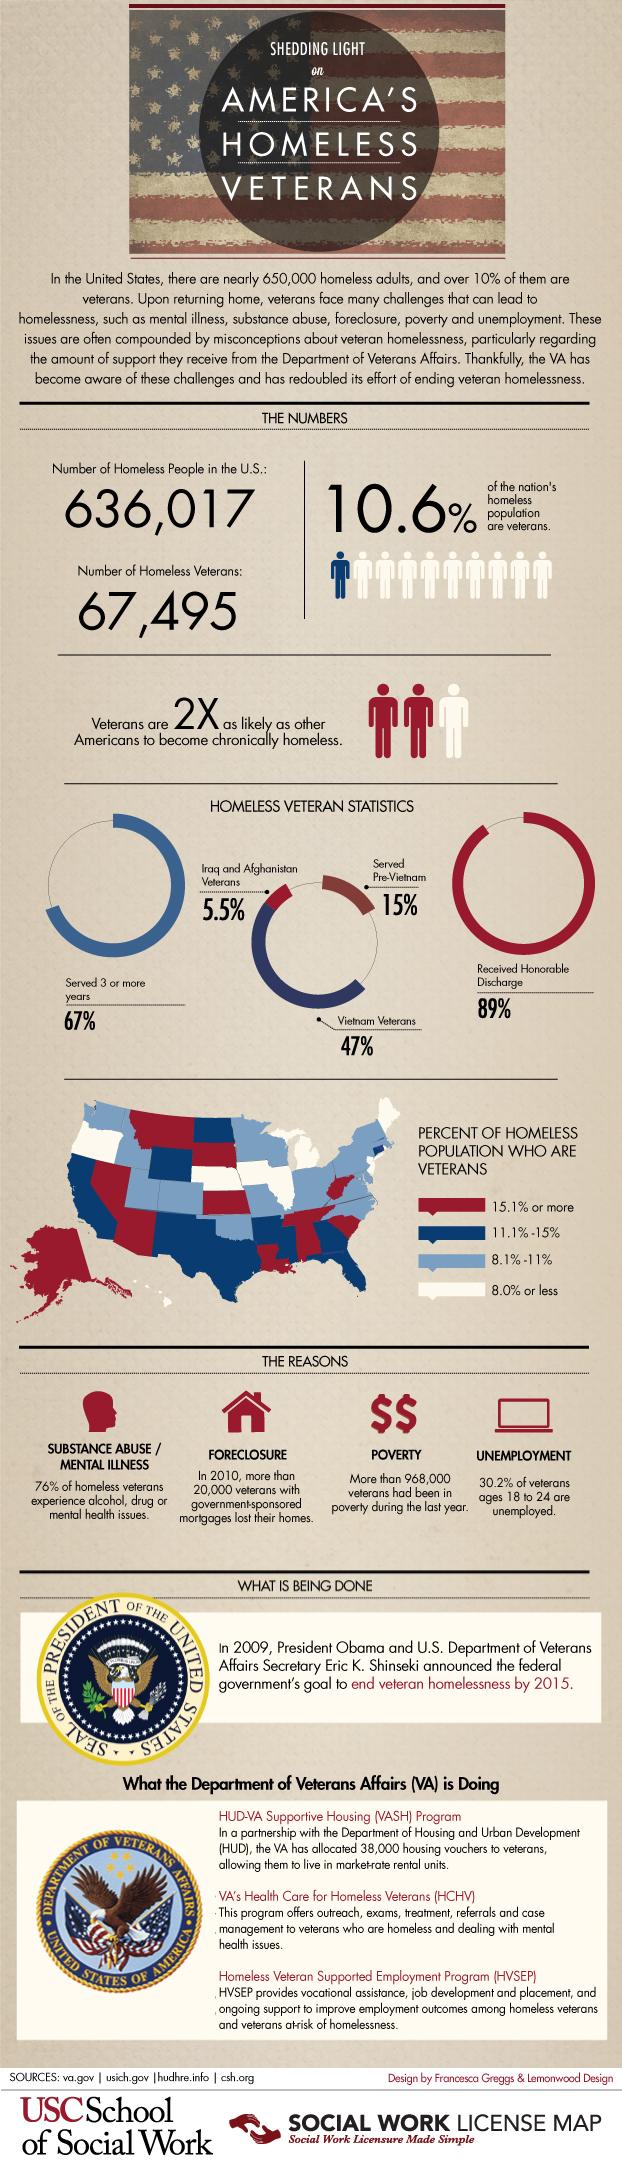 shedding-light-on-americas-homeless-veterans_50abb102213ed